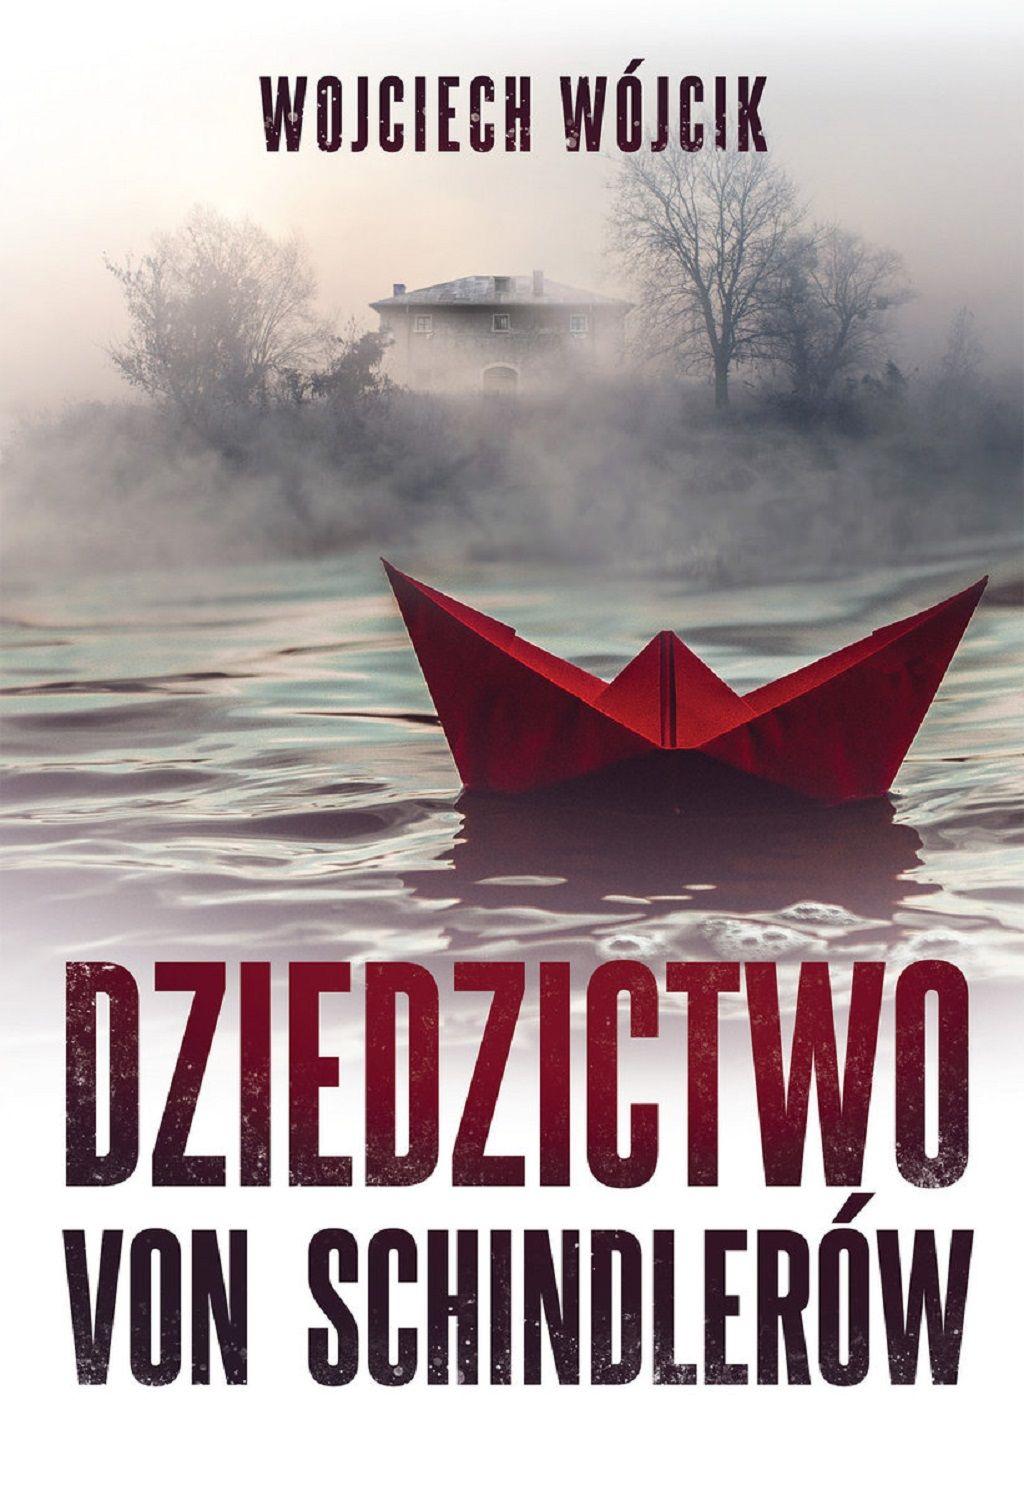 Wojciech Wójcik – Dziedzictwo von Schindlerów